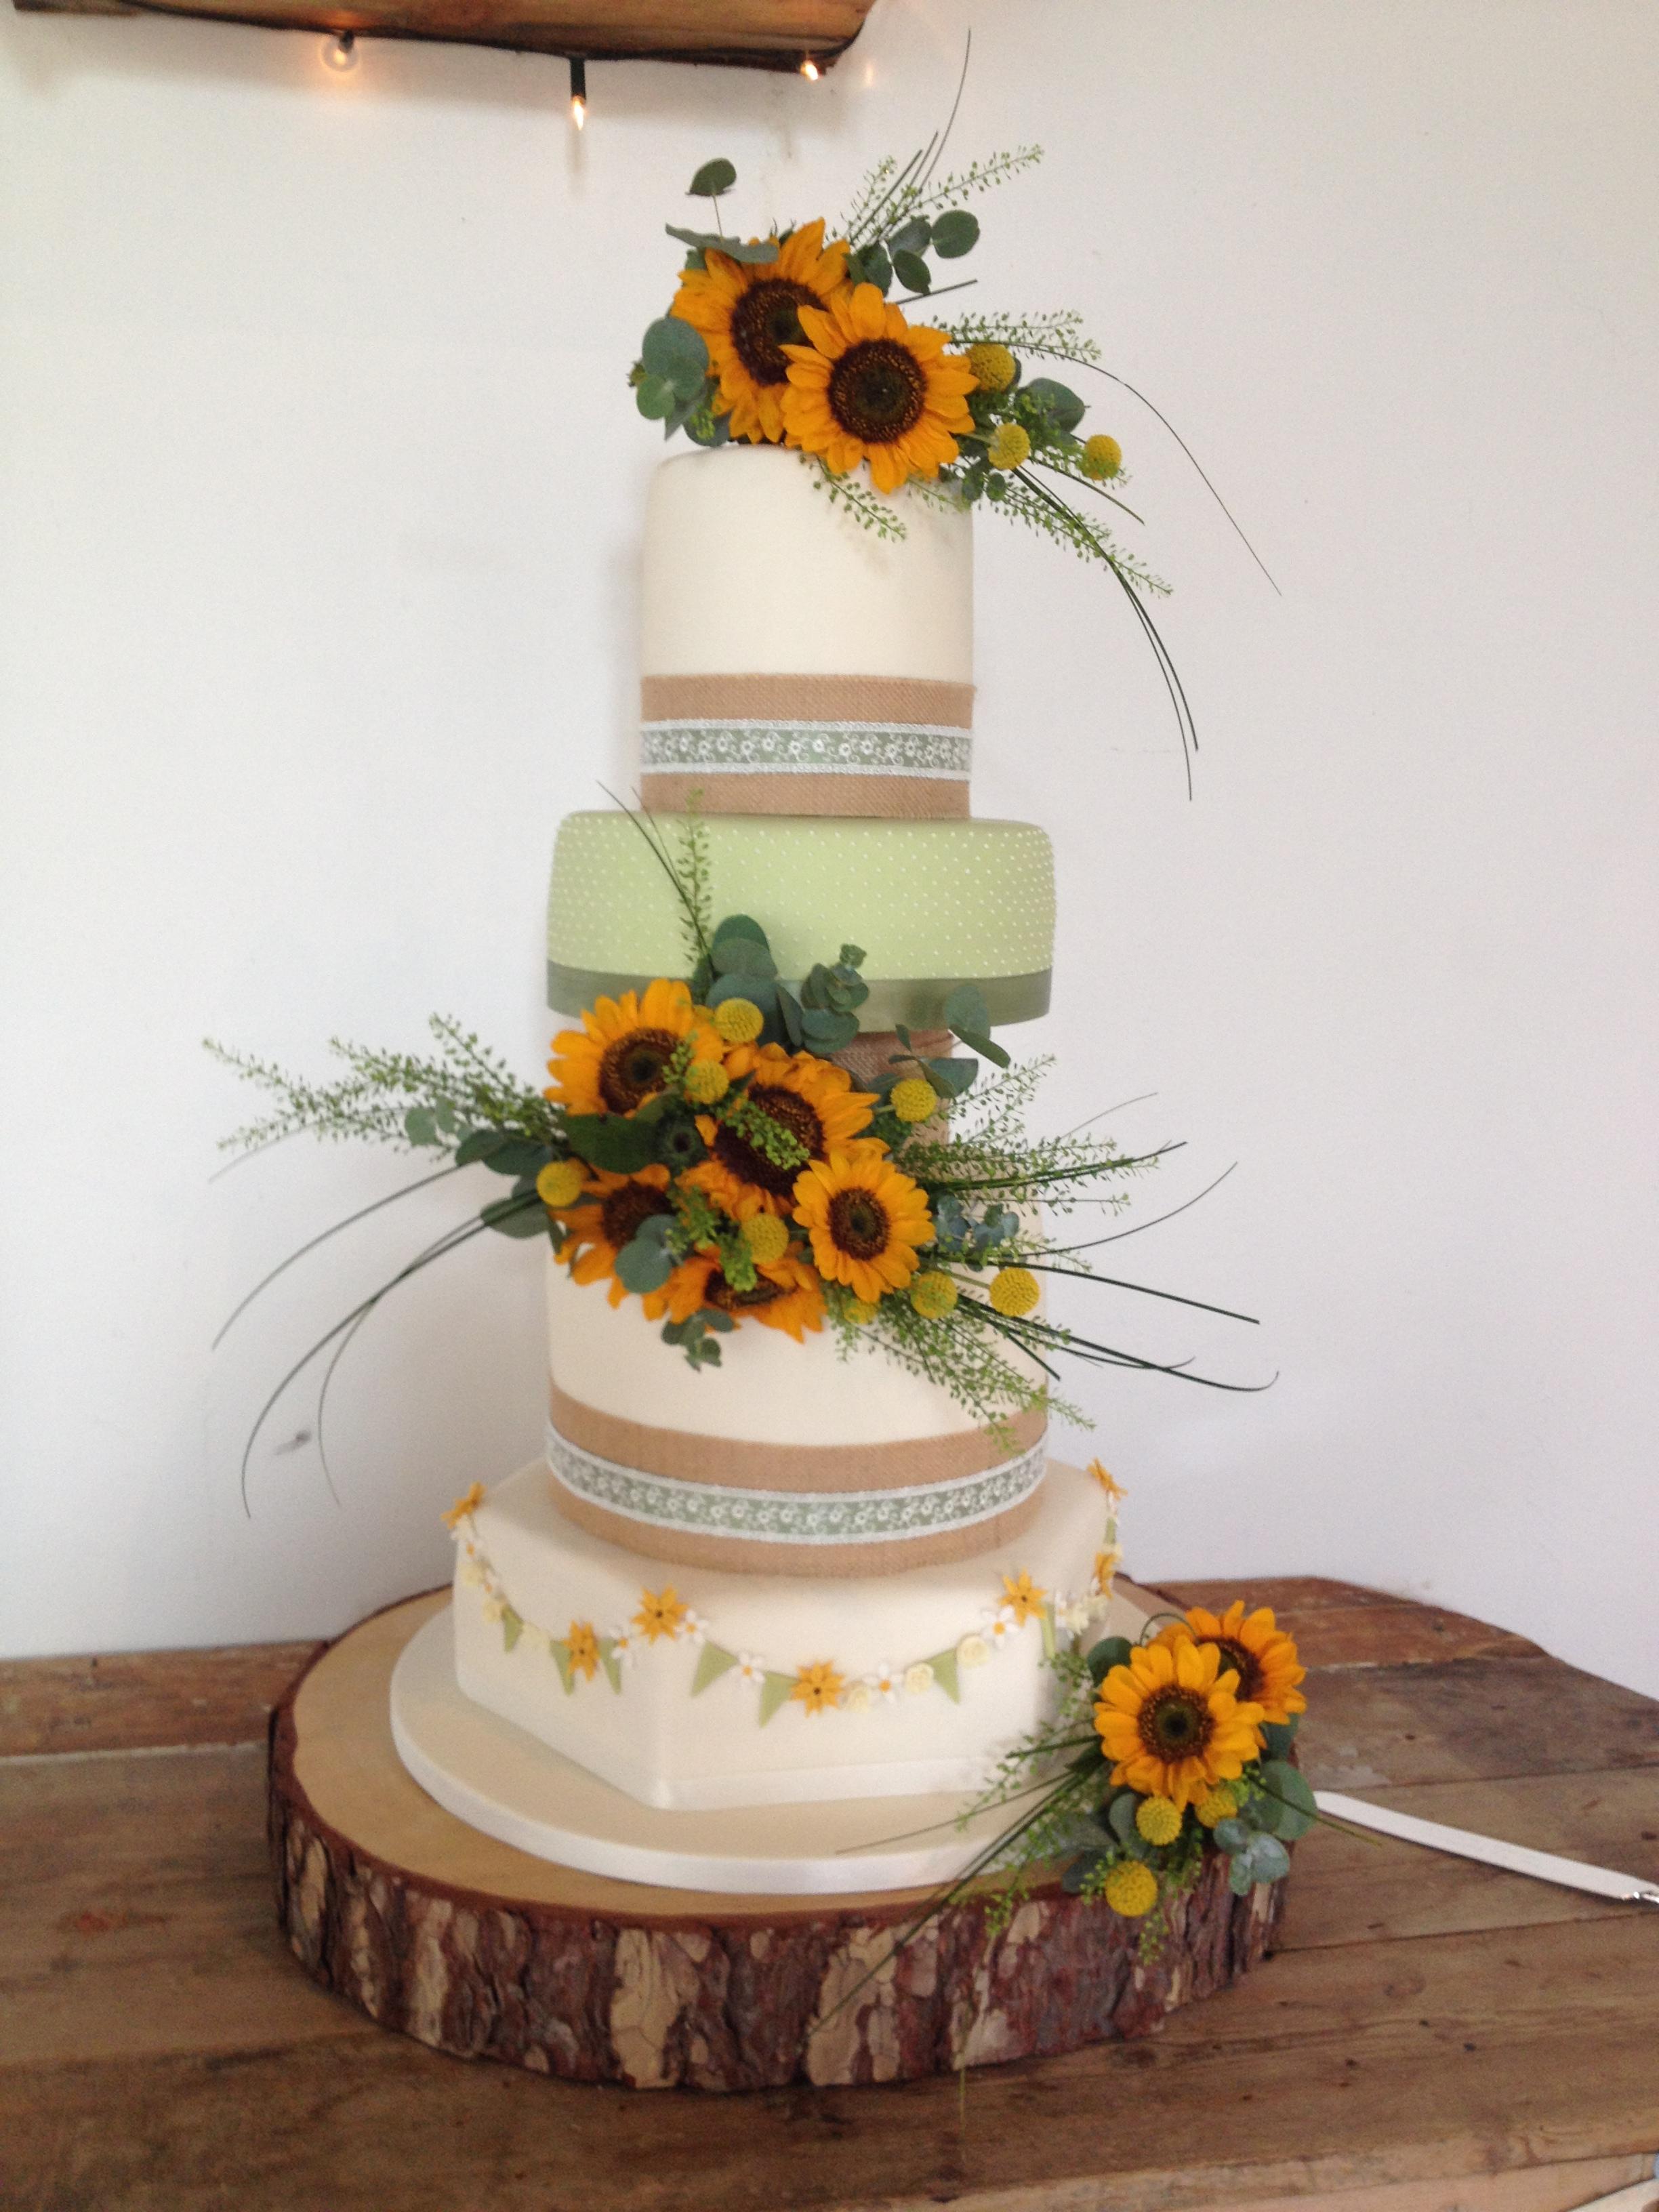 Sunflower Extravaganze Wedding Cake